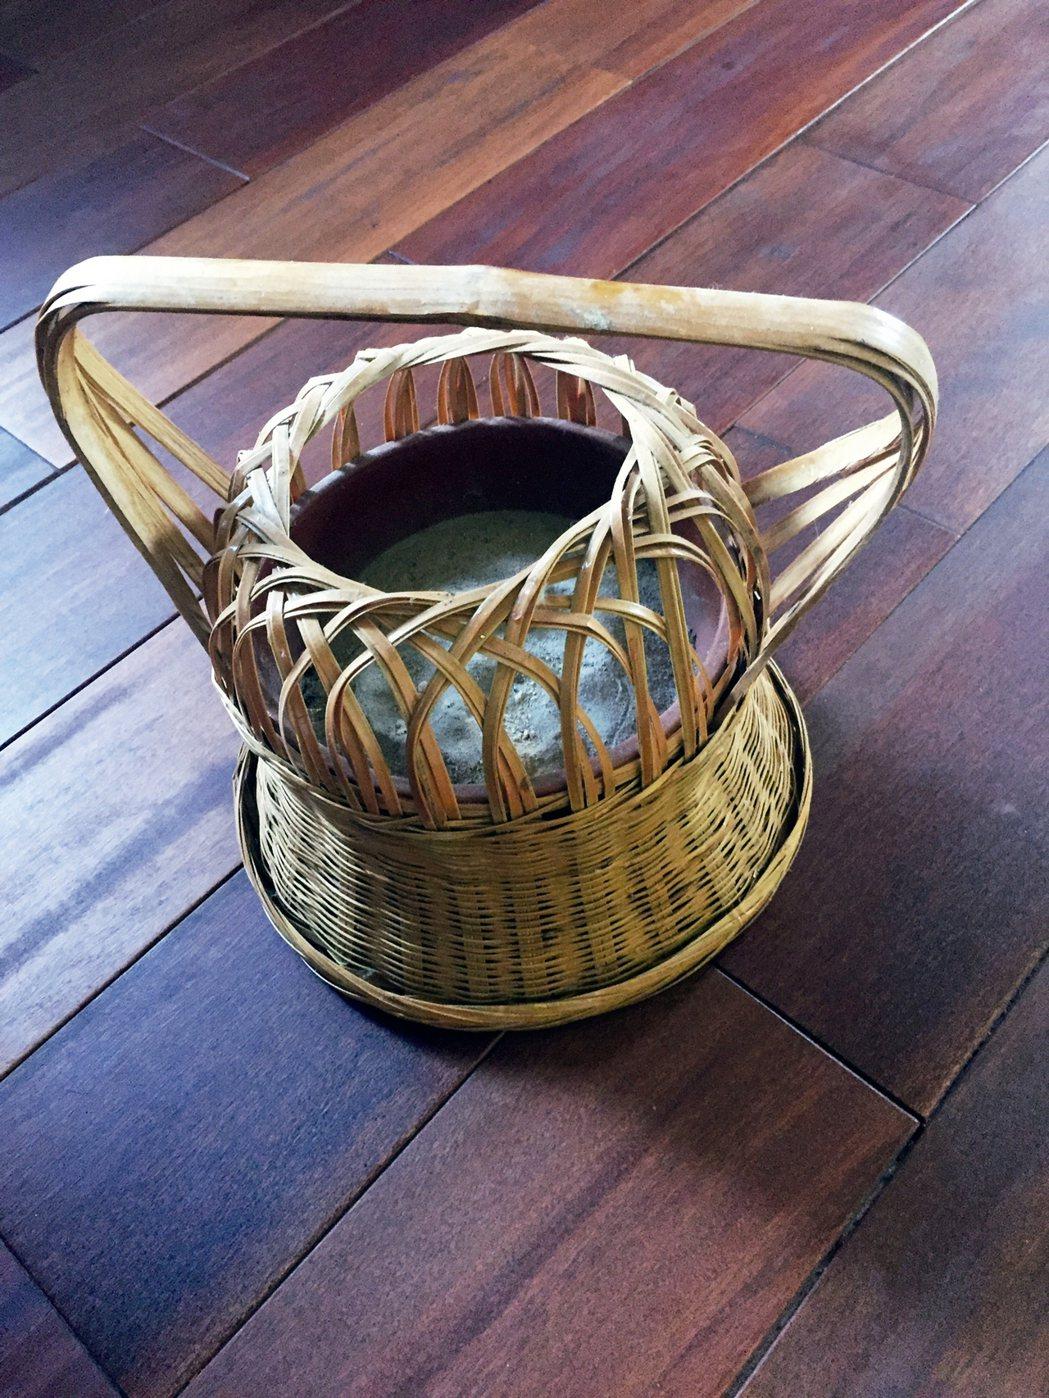 復古的竹編火籠,近年又開始流行了起來。 圖/朱慧芳